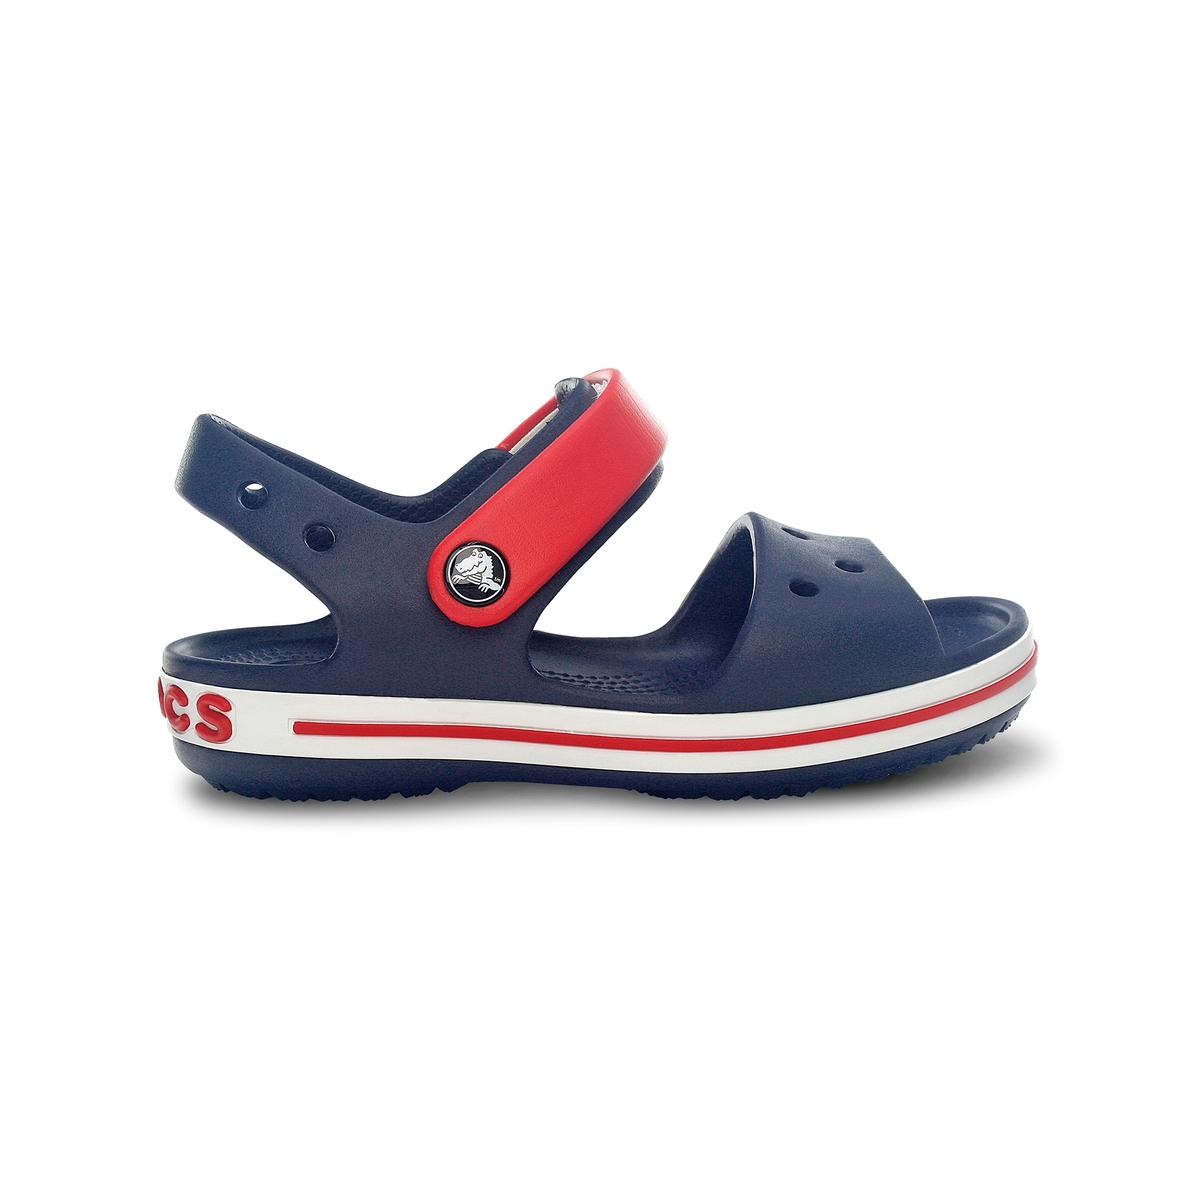 цена Сандалии La Redoute Crocband Sandal Kids 32/33 синий онлайн в 2017 году